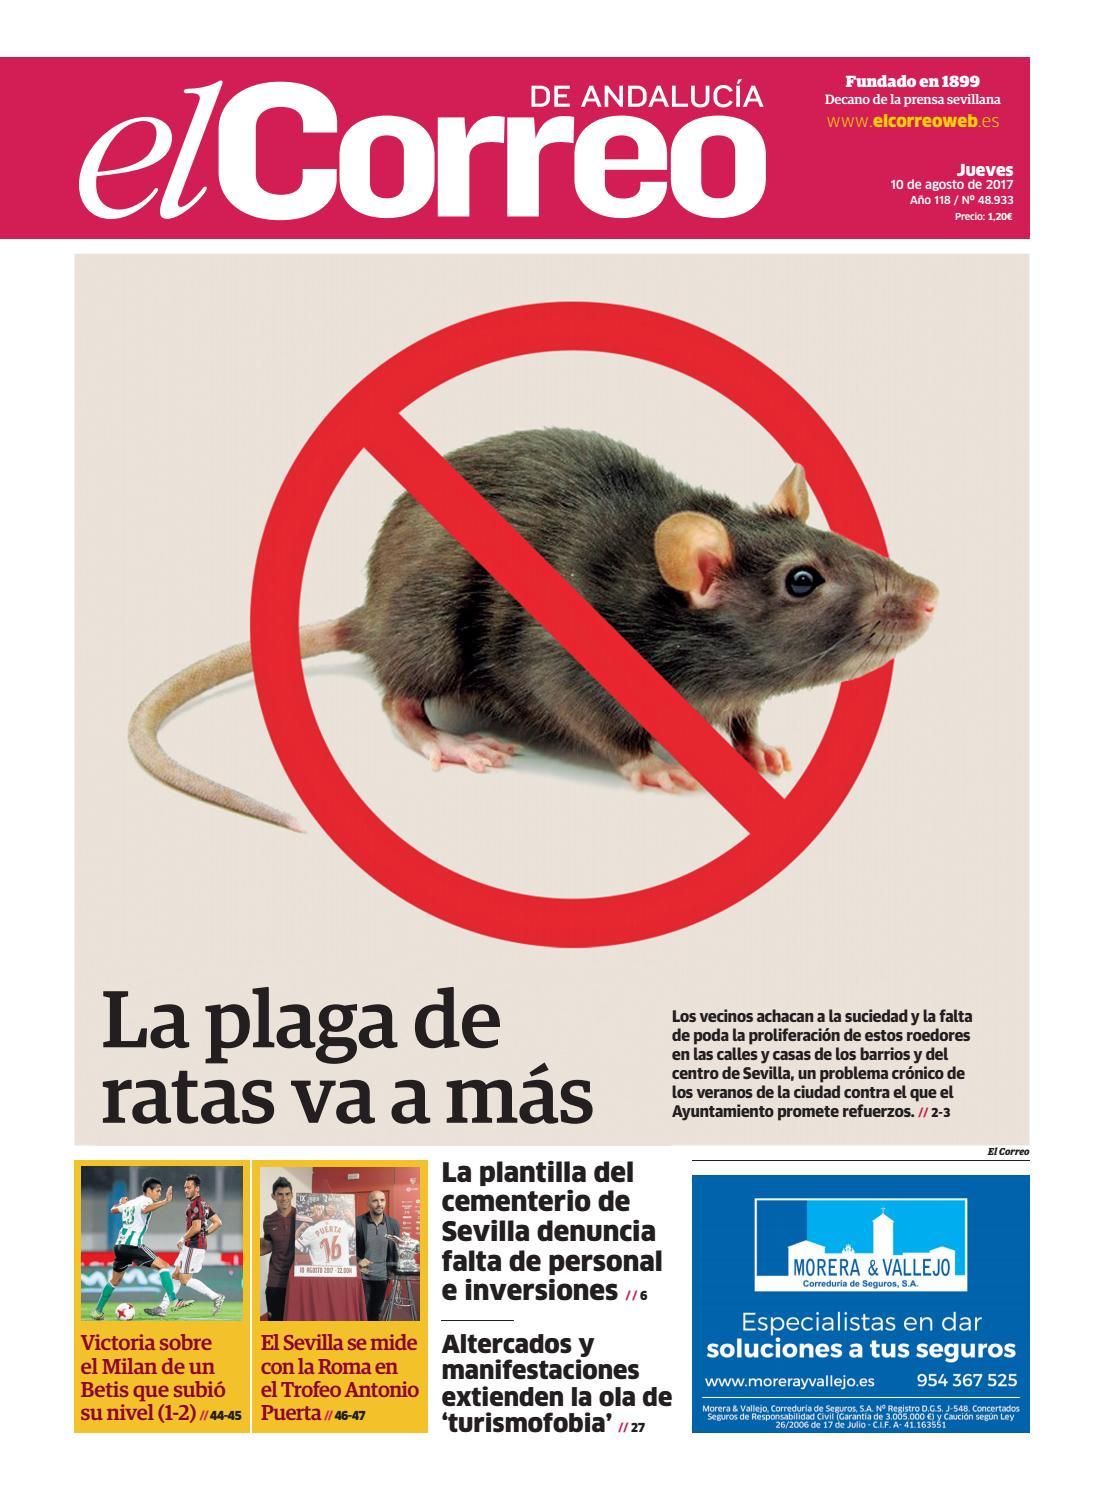 10.08.2017 El Correo de Andalucía by EL CORREO DE ANDALUCÍA S.L. - issuu